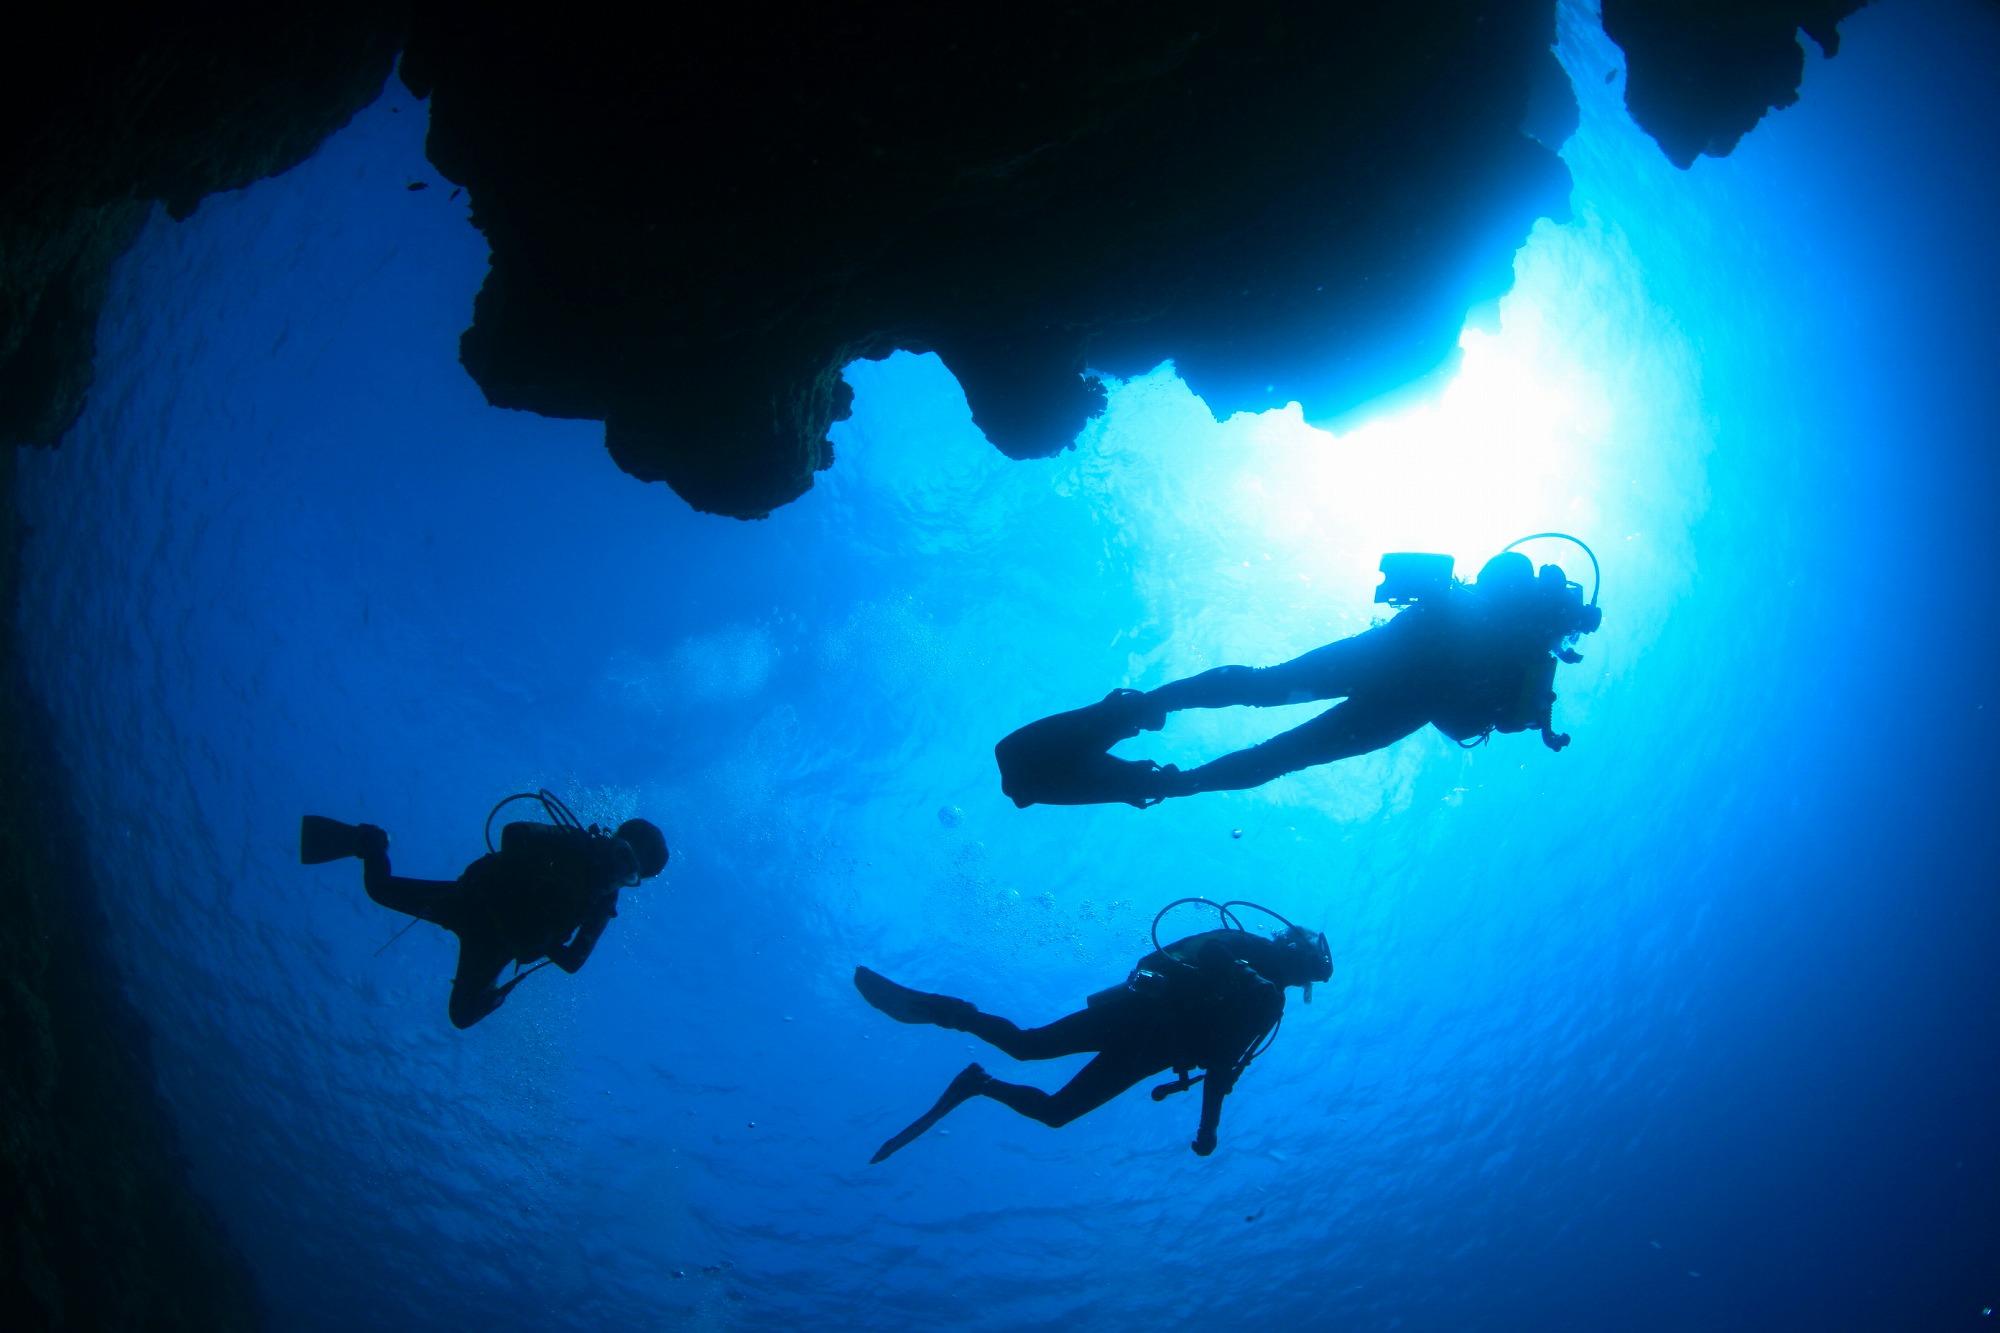 山形県の鶴岡沖でダイビング死亡事故。ガイドの注意義務範囲が明確でない中で、どのように捜査が進むのか